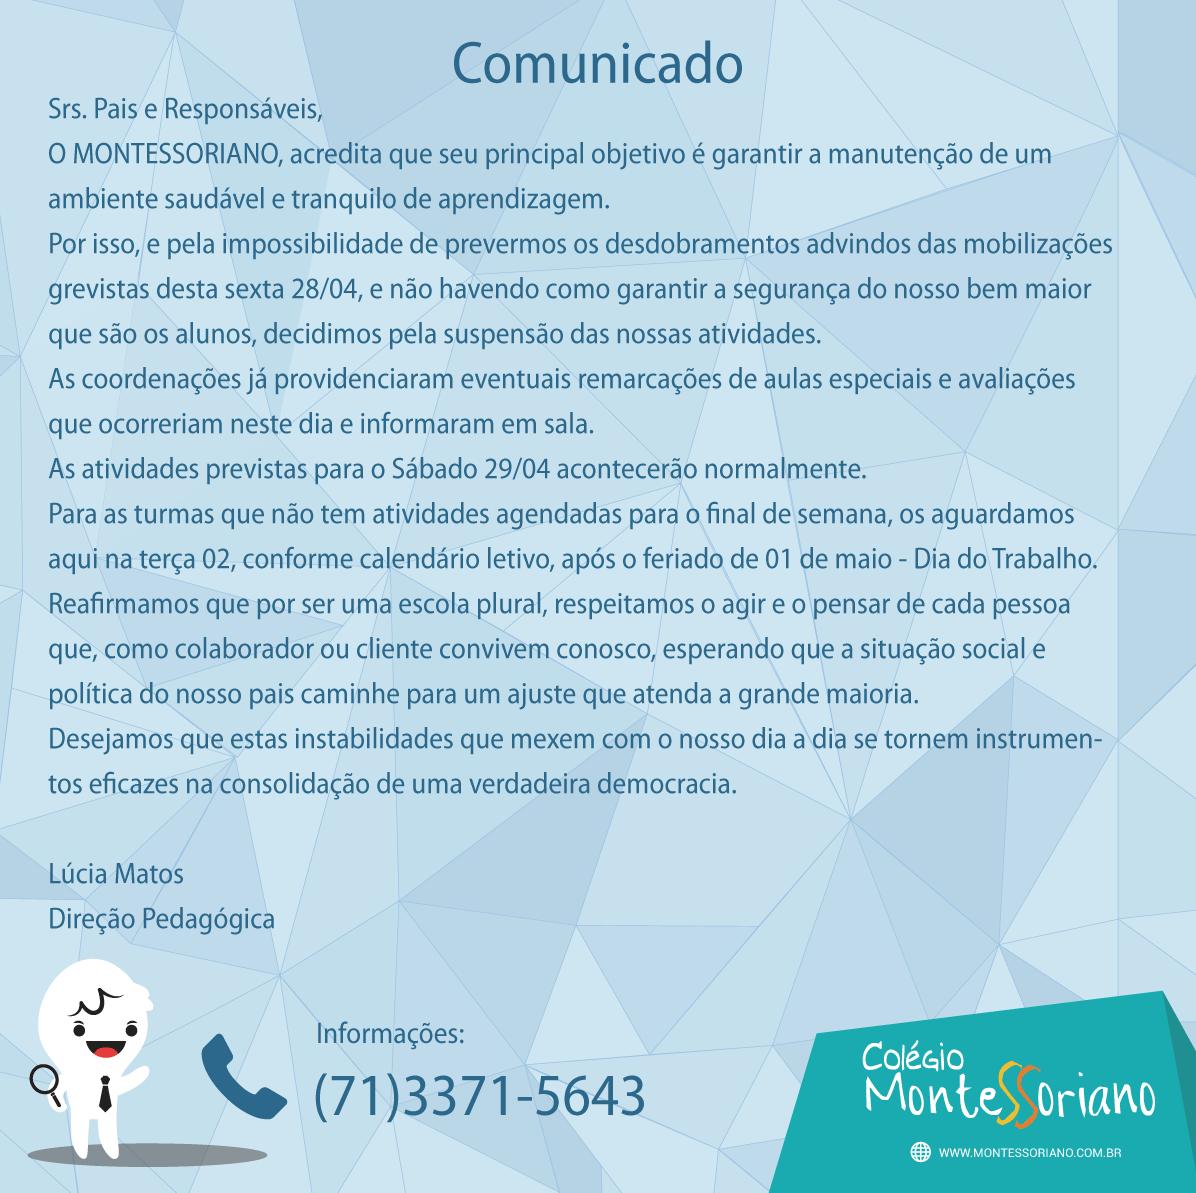 COMUNICADO1111111111